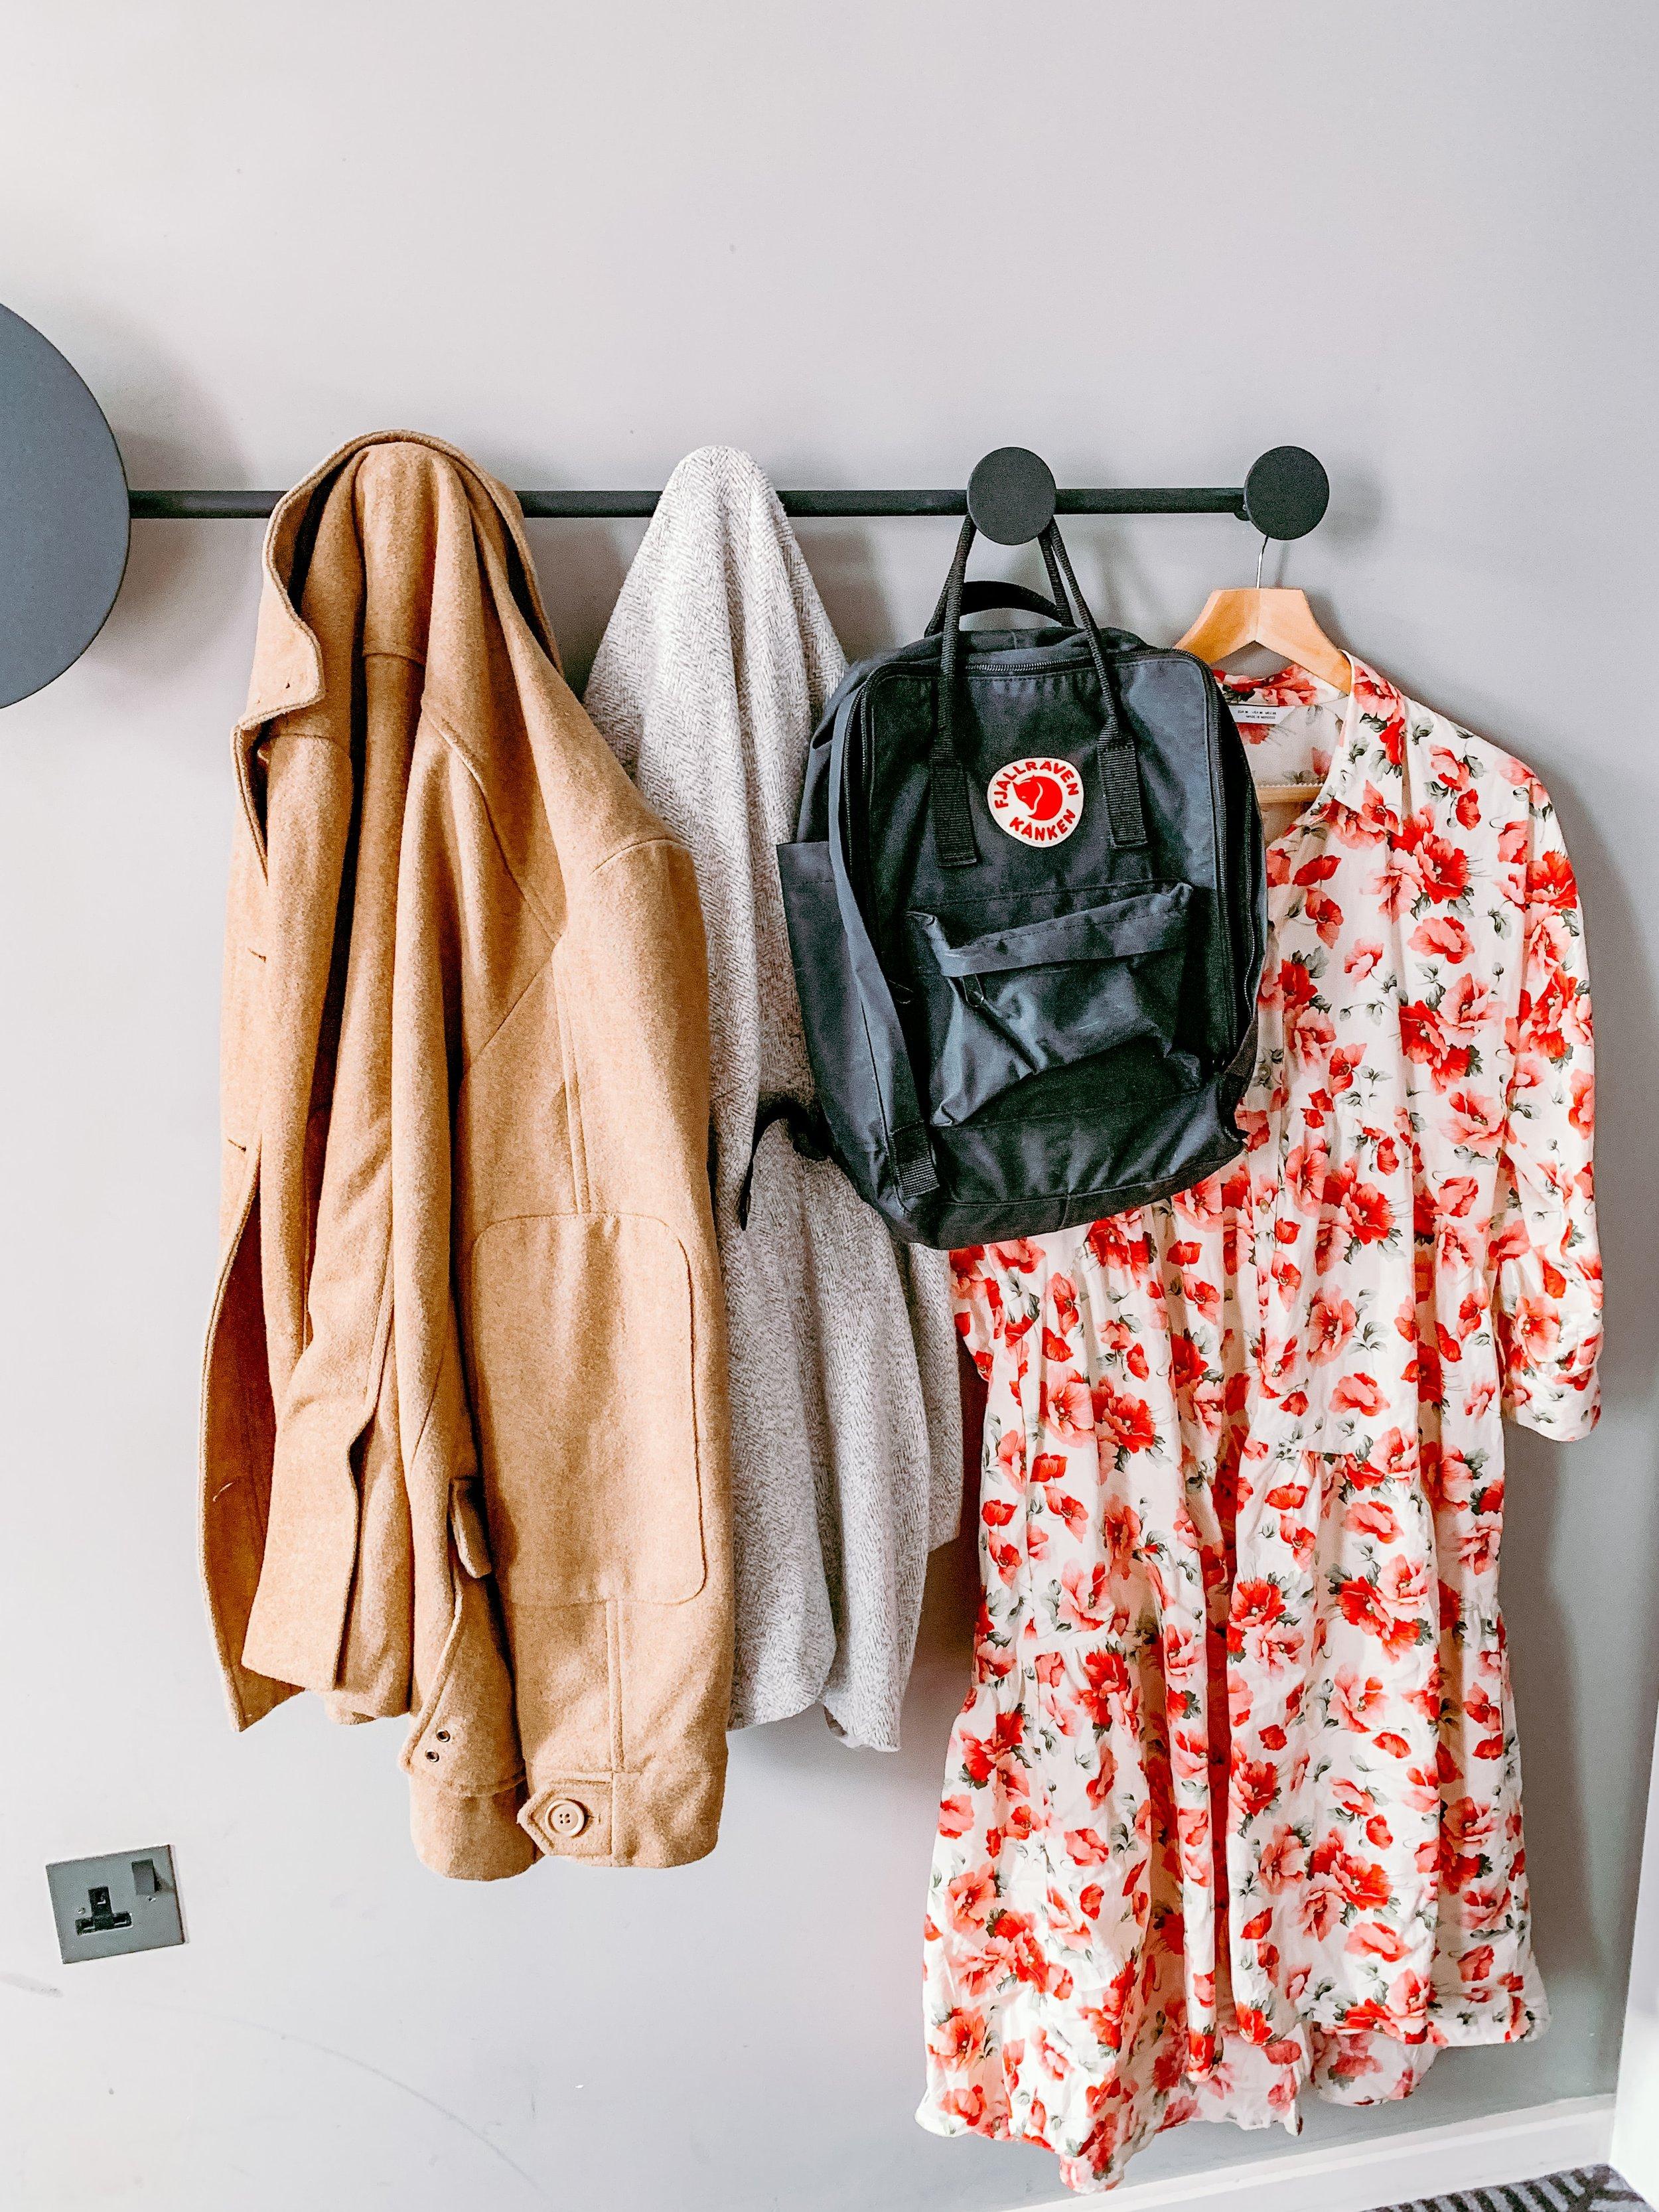 Kanskje kan sommerkjolen få bli med videre utover høsten hvis du bare parrer den med en tynn genser under, en strikkegenser over eller en litt varm jakke?  (Foto: unsplash.com)